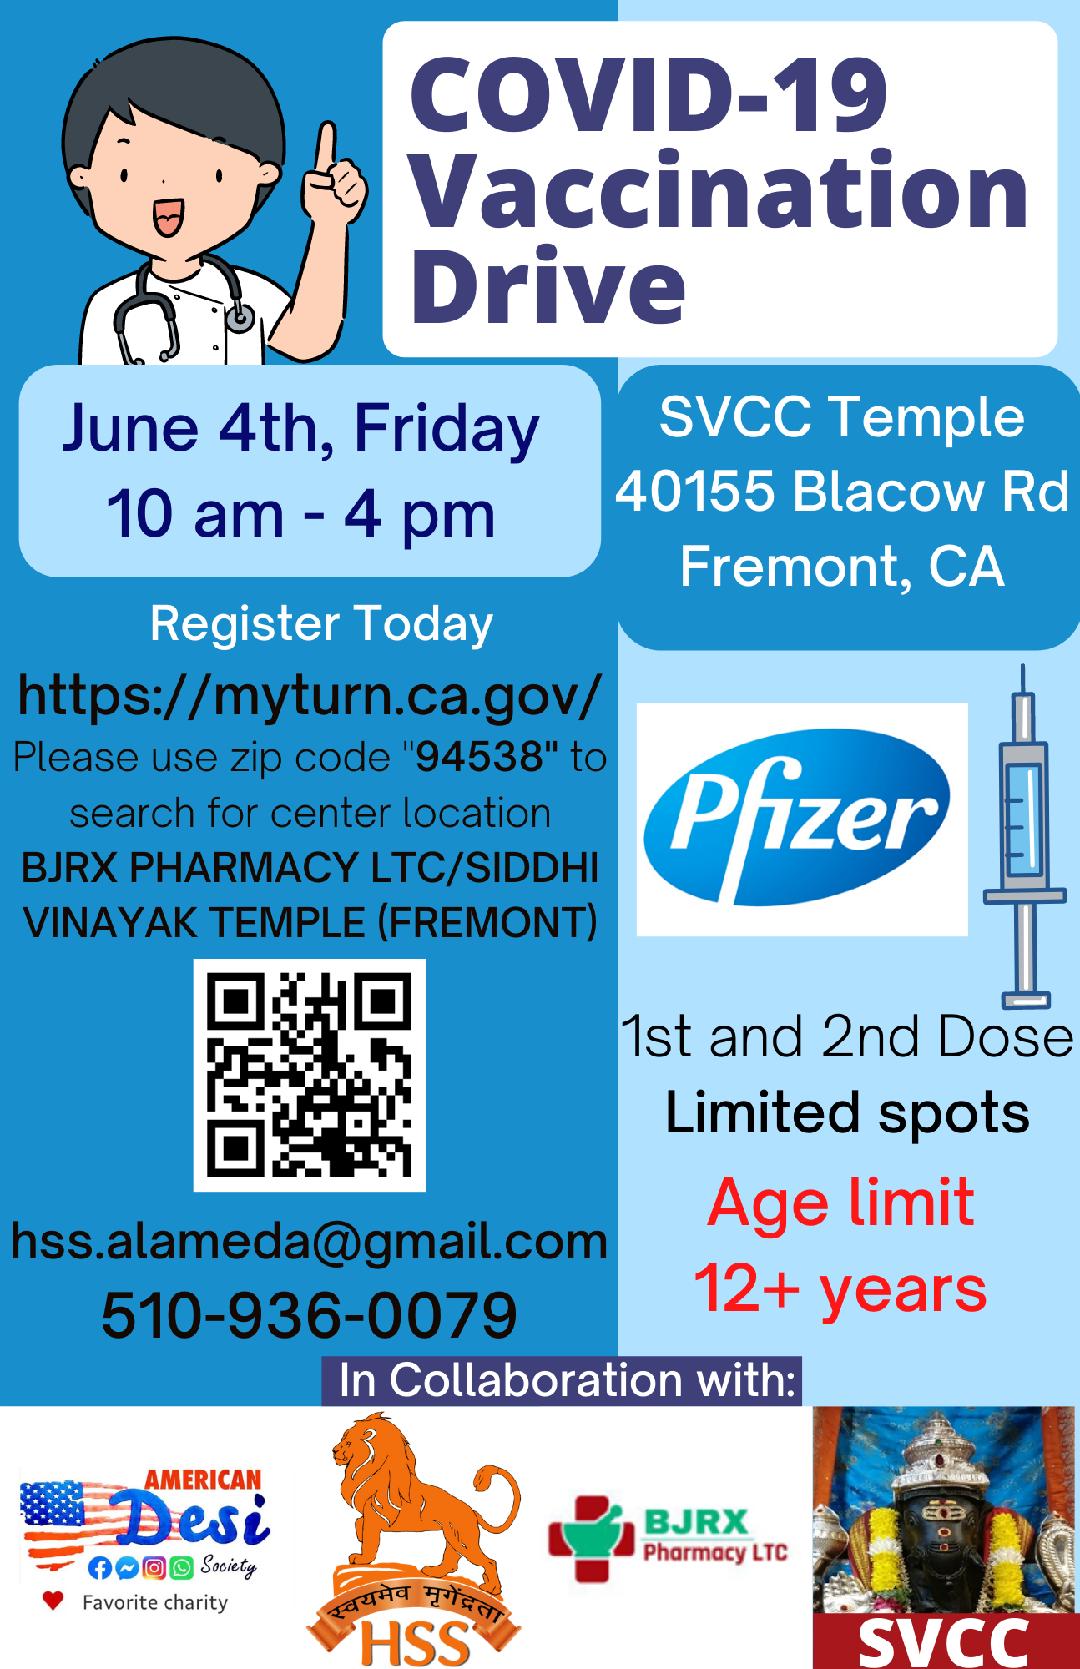 Jun 4 2021 - HSSS Vaccination Drive SVCC Temple Fremont